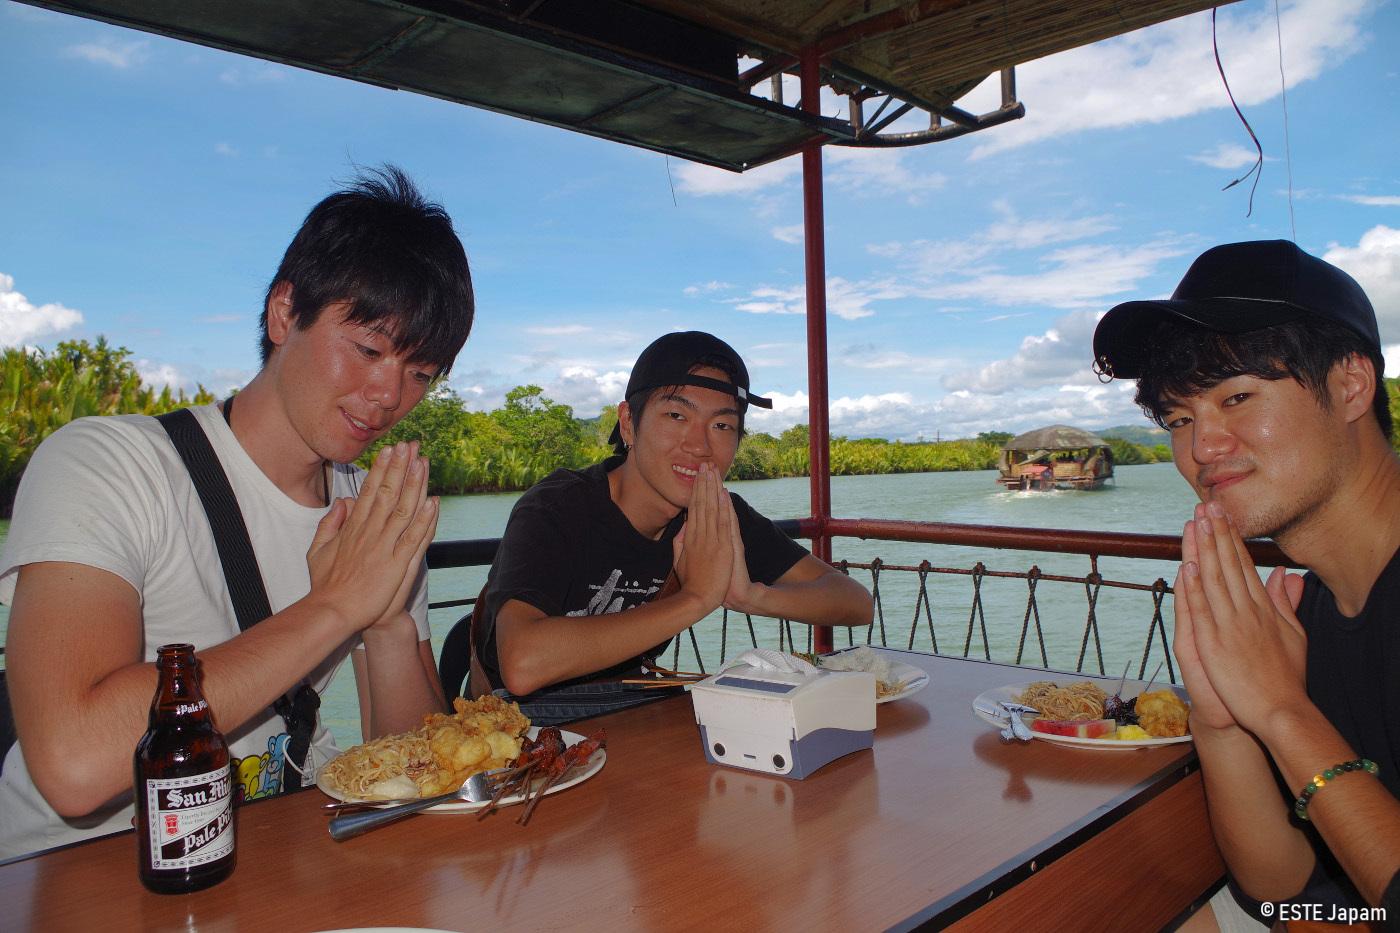 ボホール島ツアーの昼食を食べる男性3名